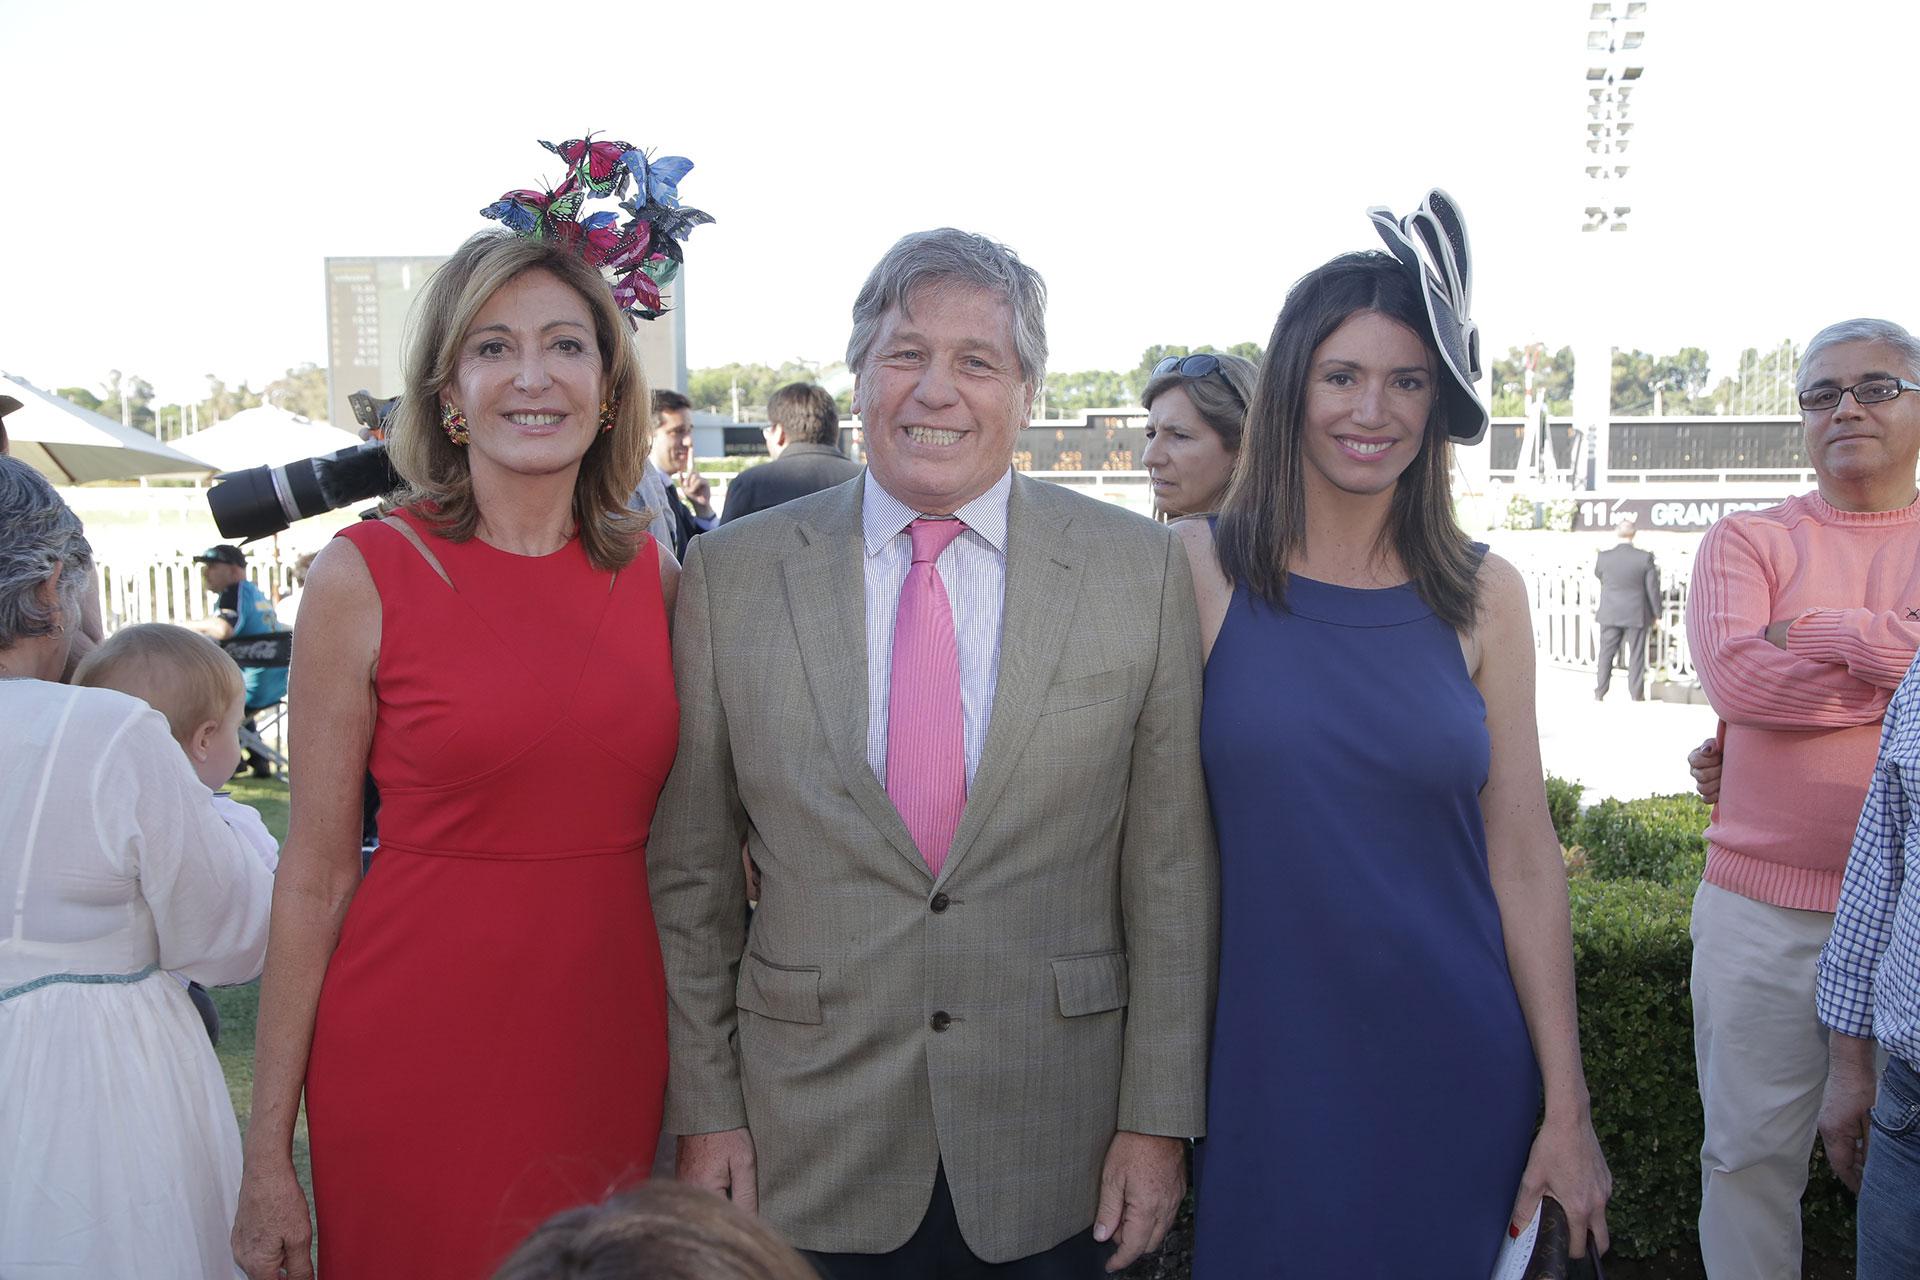 Mariel Llorens de Quintana, Antonio Bullrich y Verónica Quintana